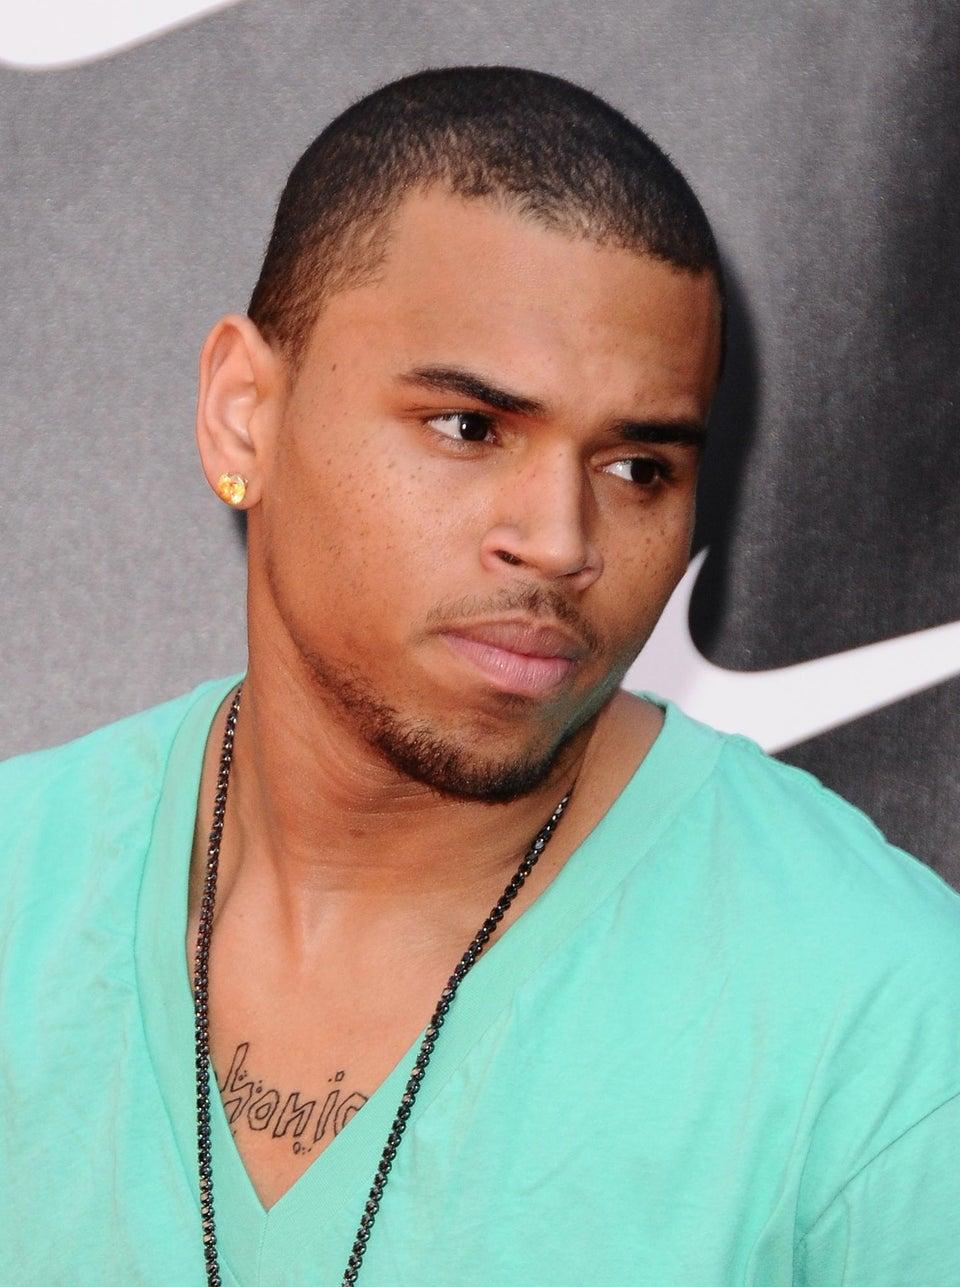 Chris Brown Crashes Car While Dodging Paparazzi